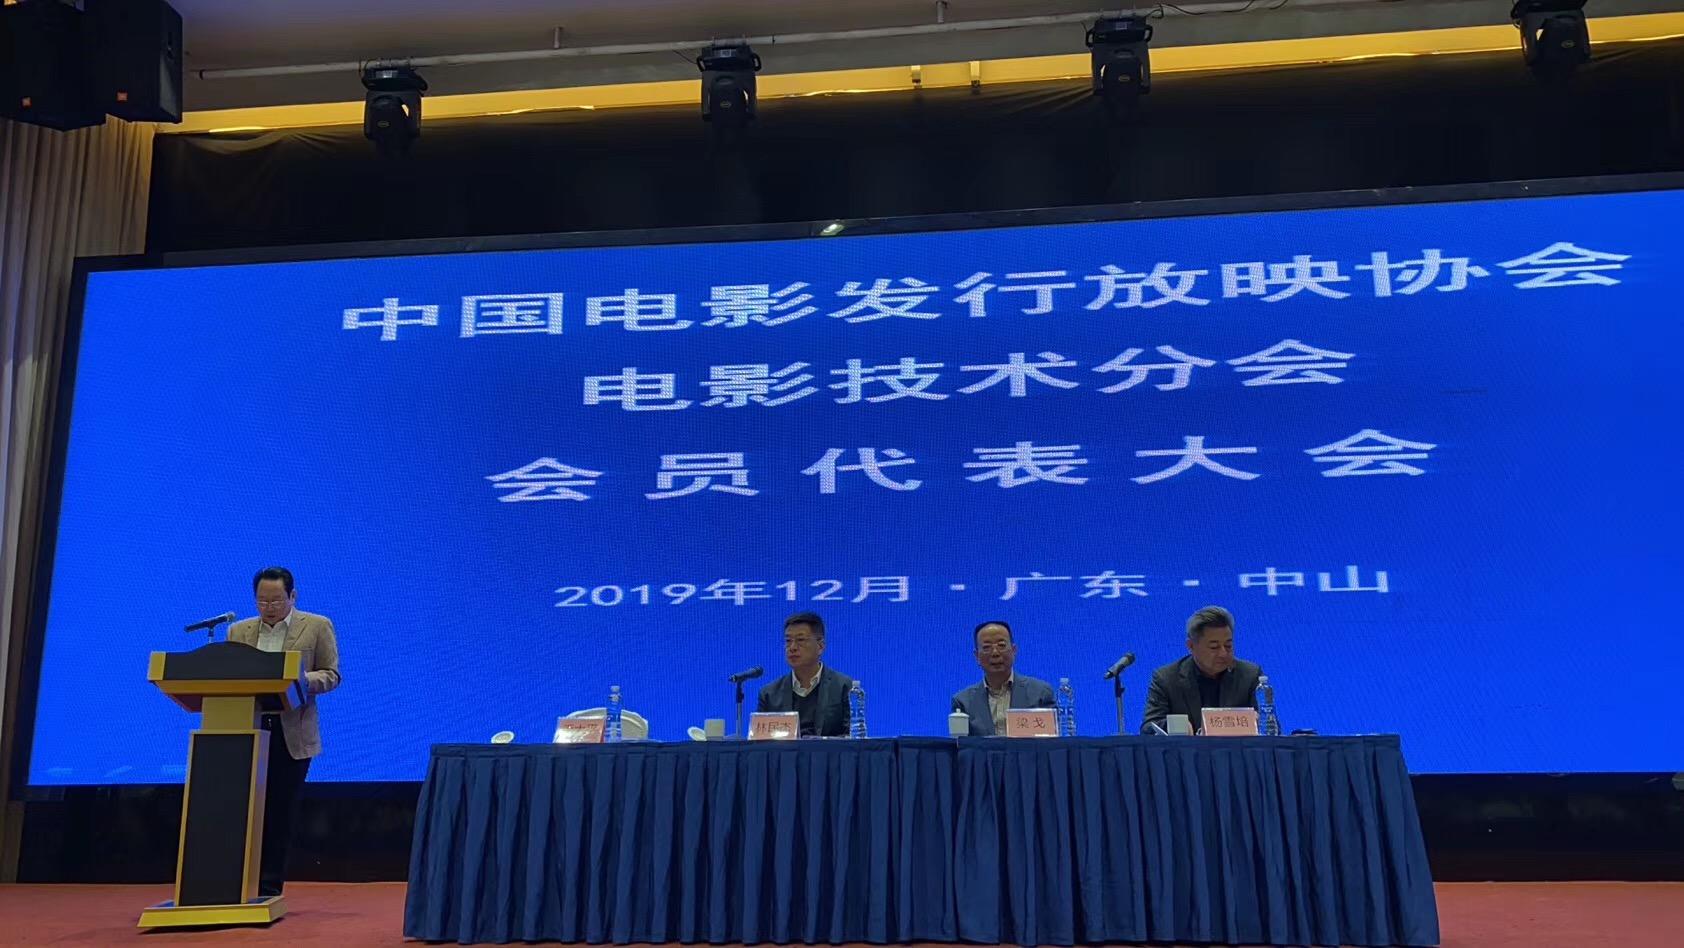 2019年中國電影發行放映協會技術分會會員代表大會12月8日在廣東中山召開